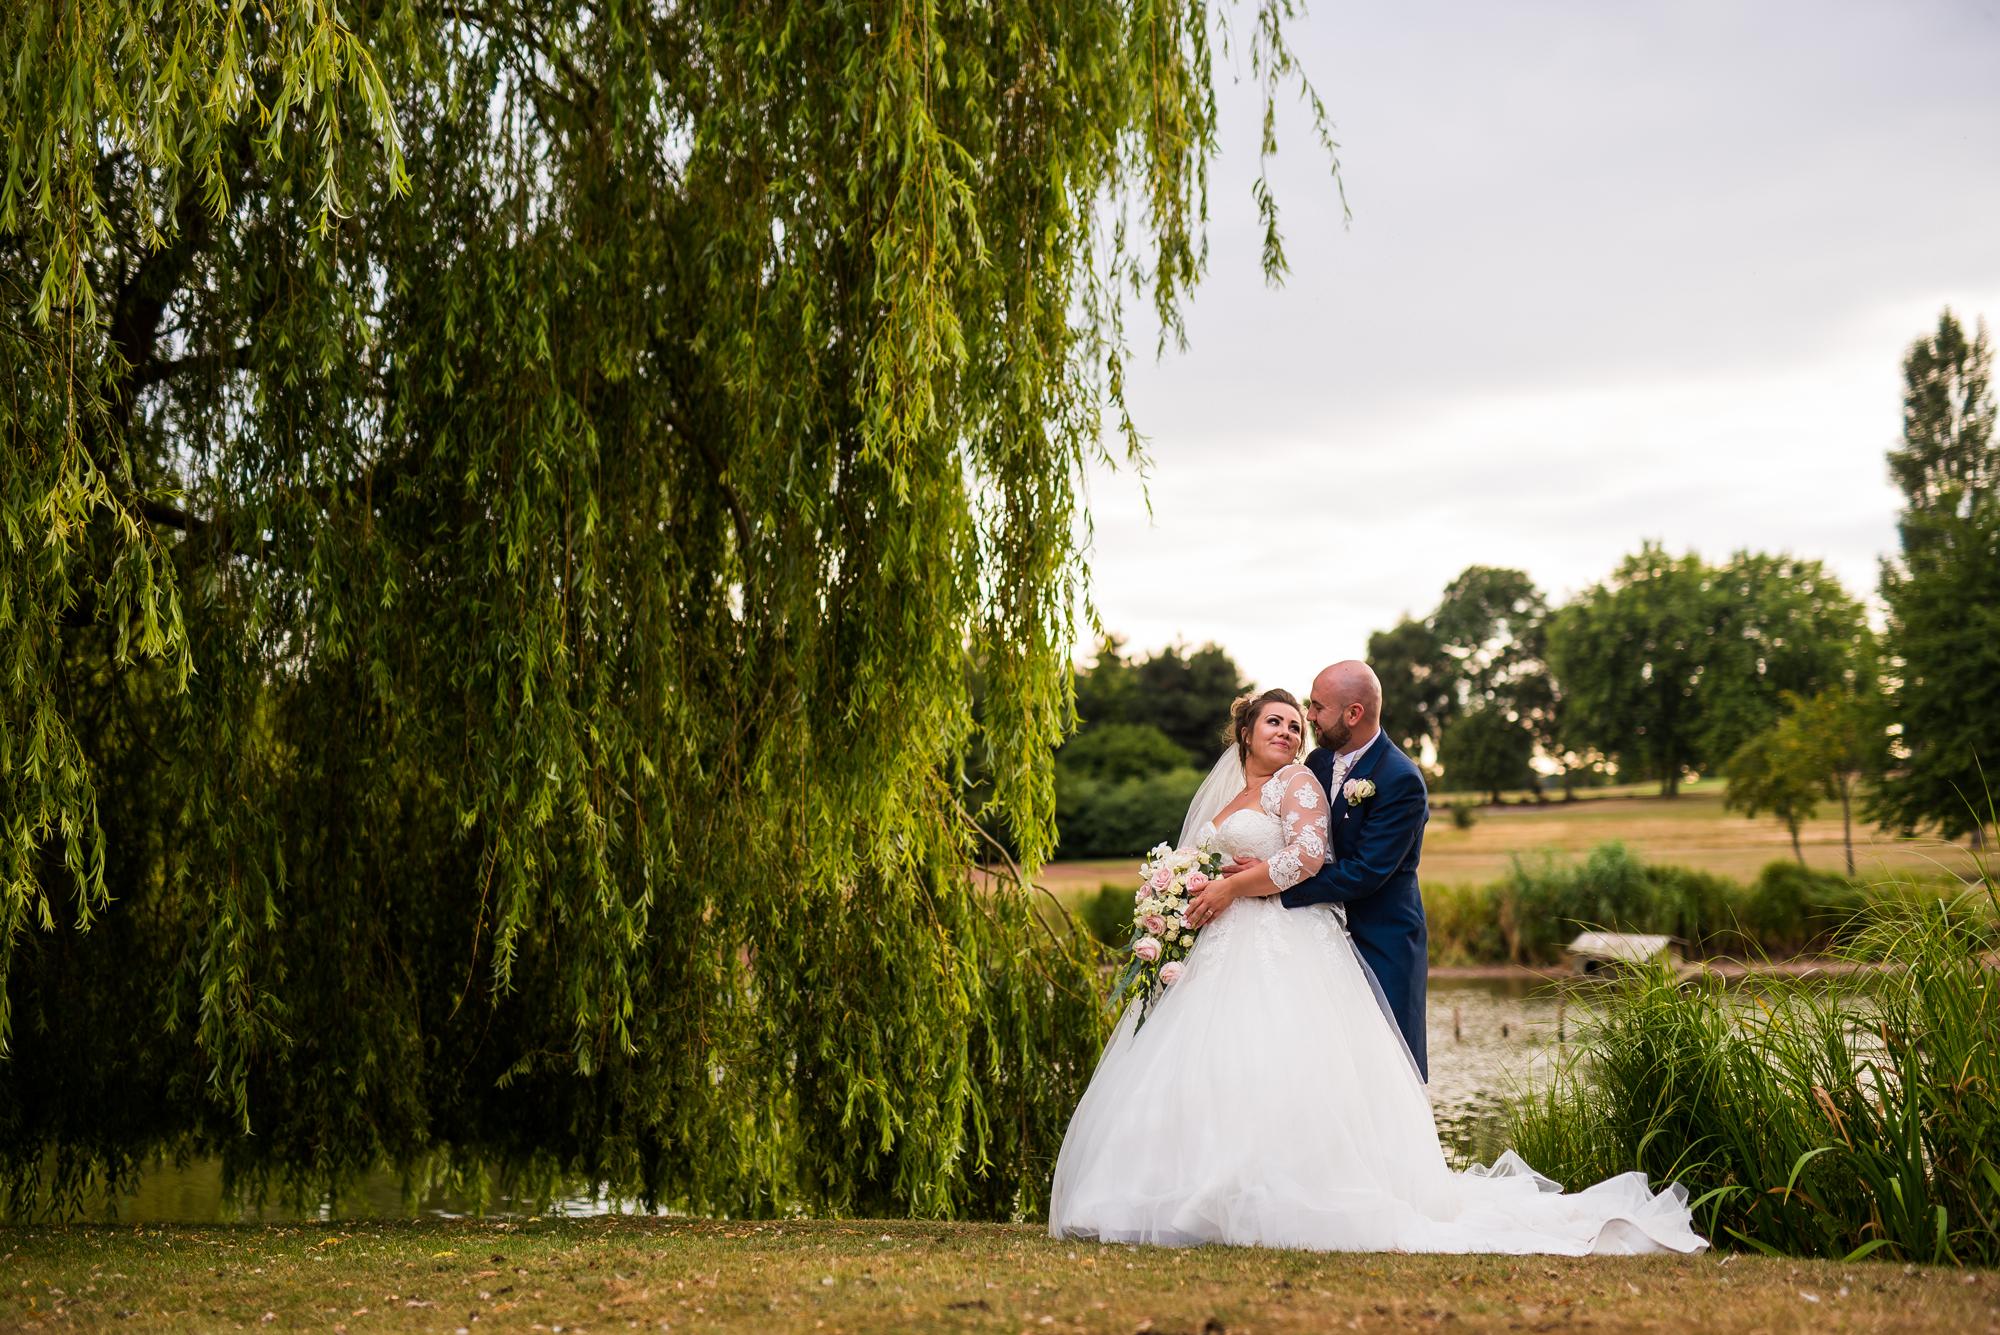 Roise and John wedding photos (327 of 383).jpg